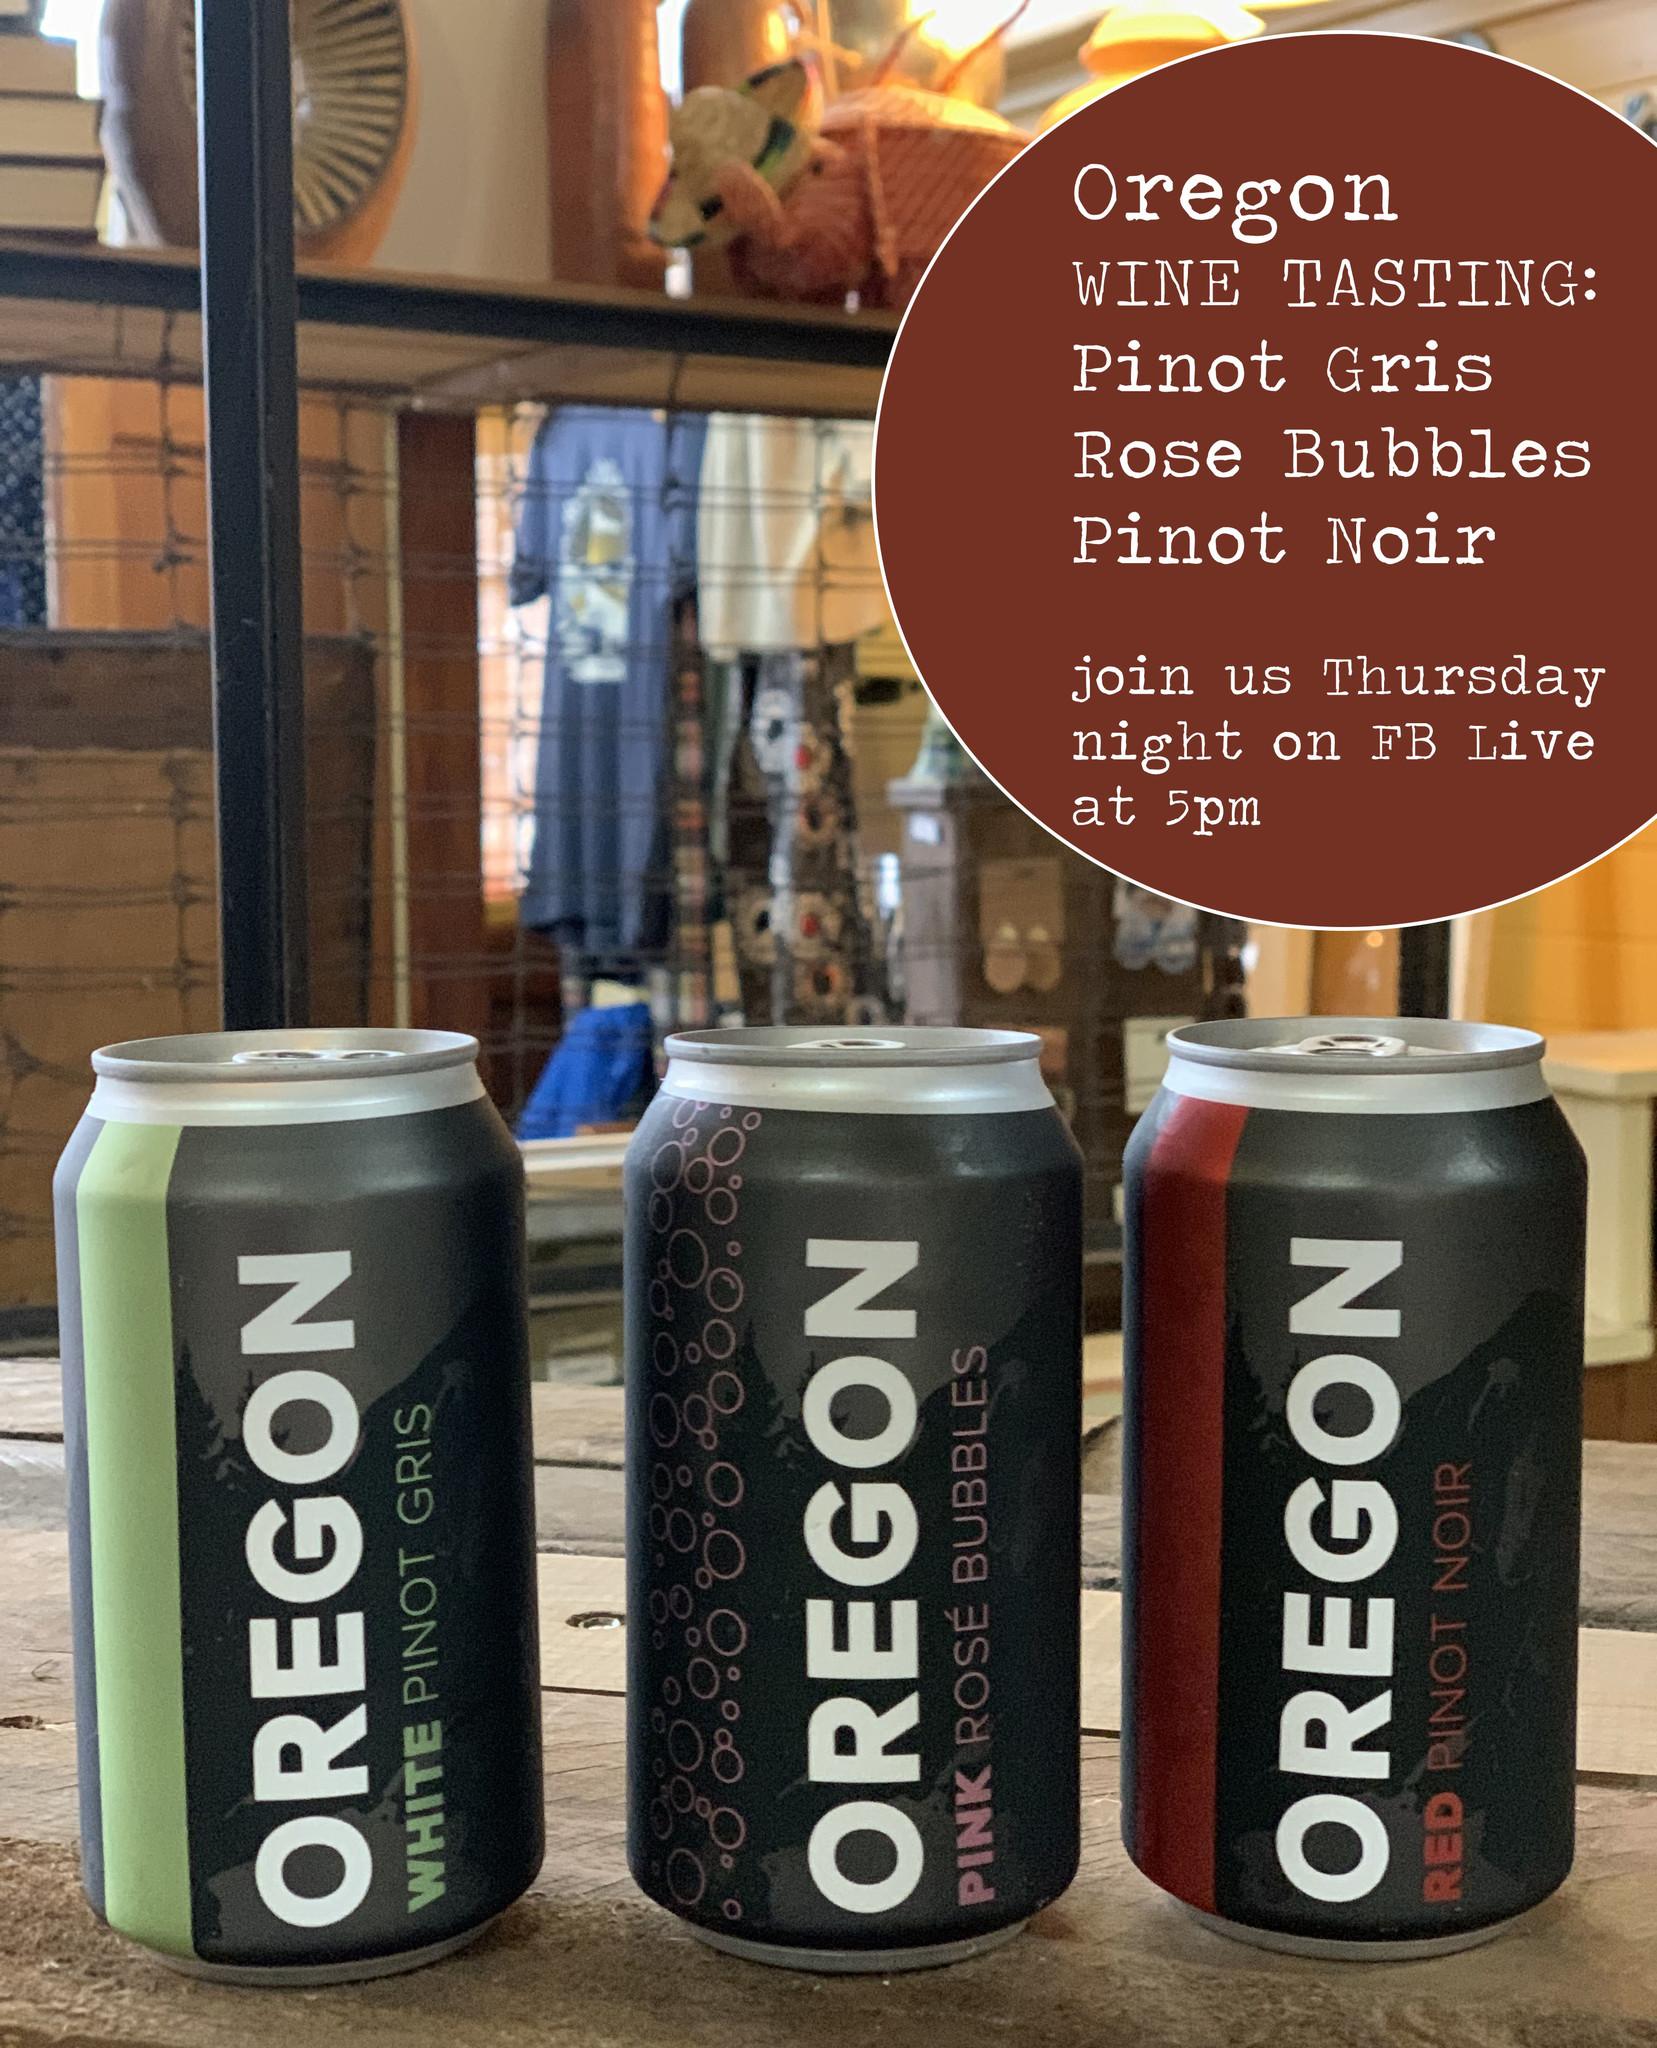 Wine Tasting with Oregon Wine